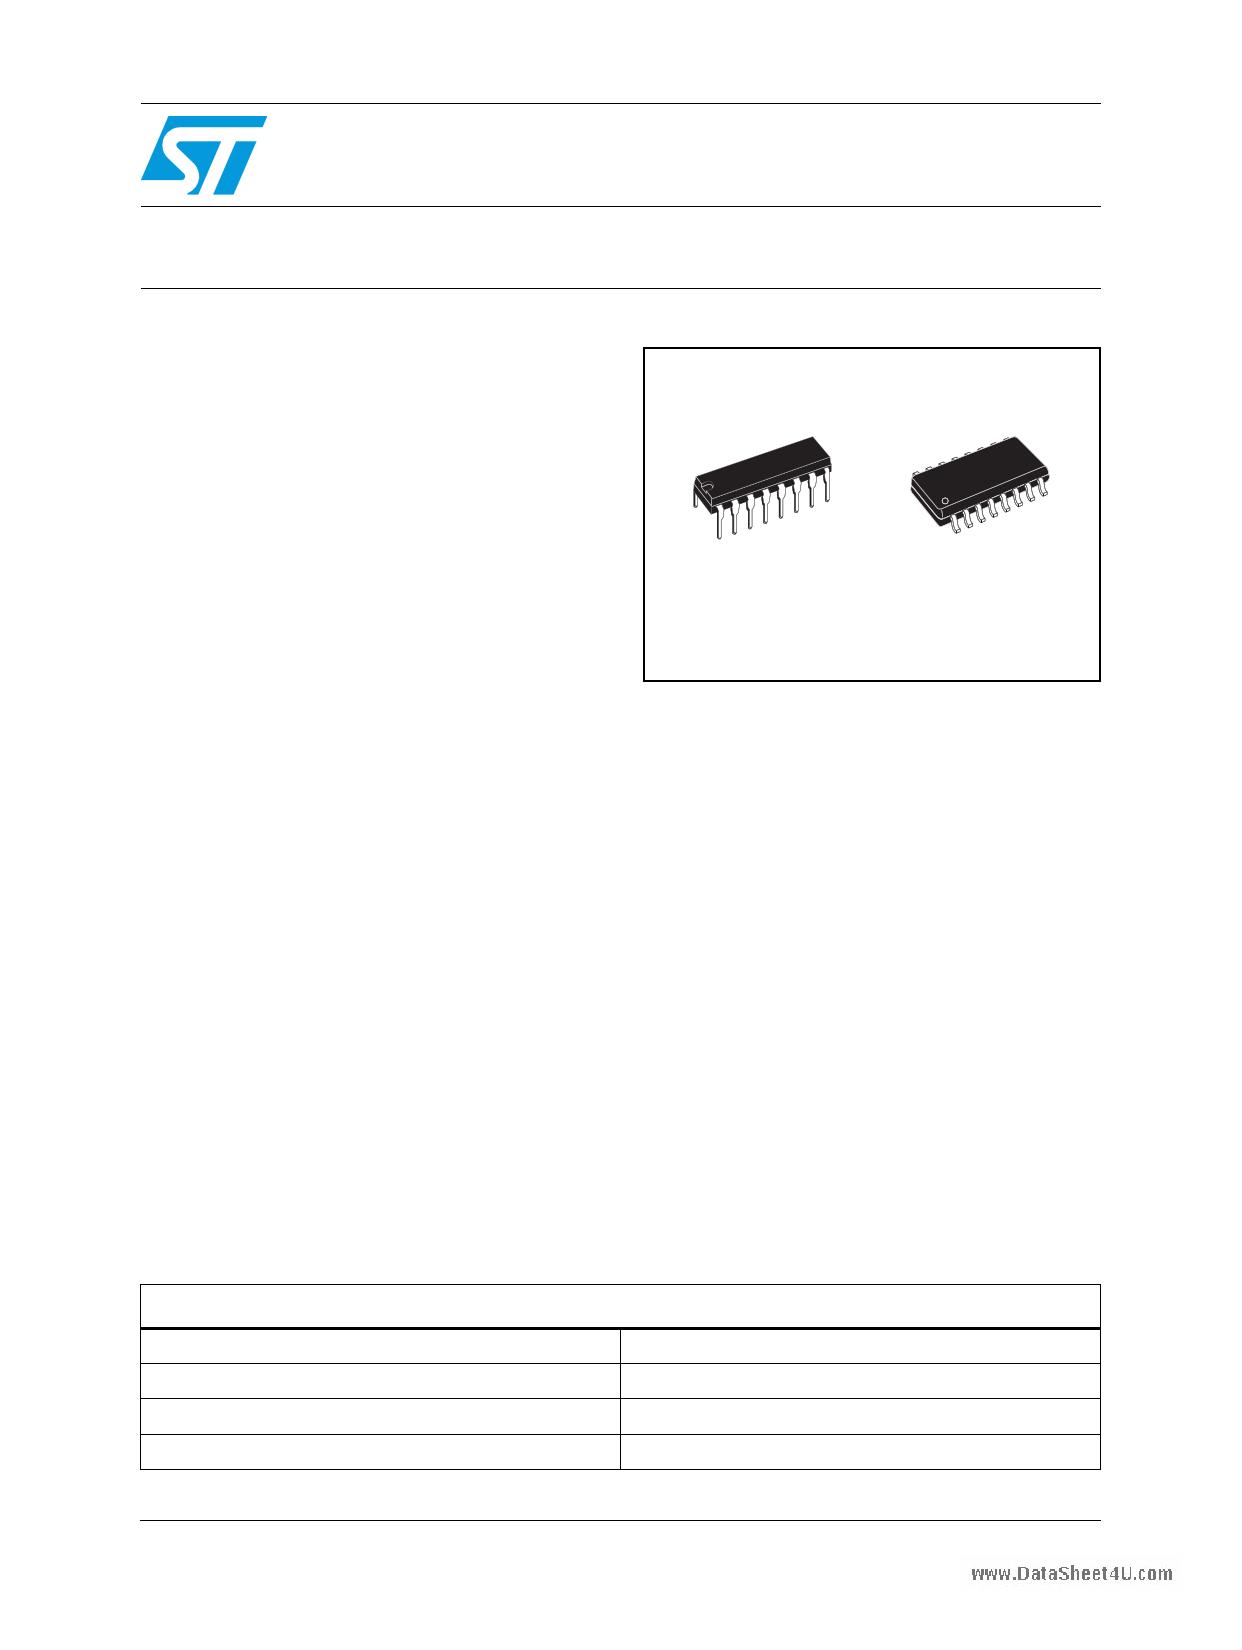 E-ULN200xA Hoja de datos, Descripción, Manual